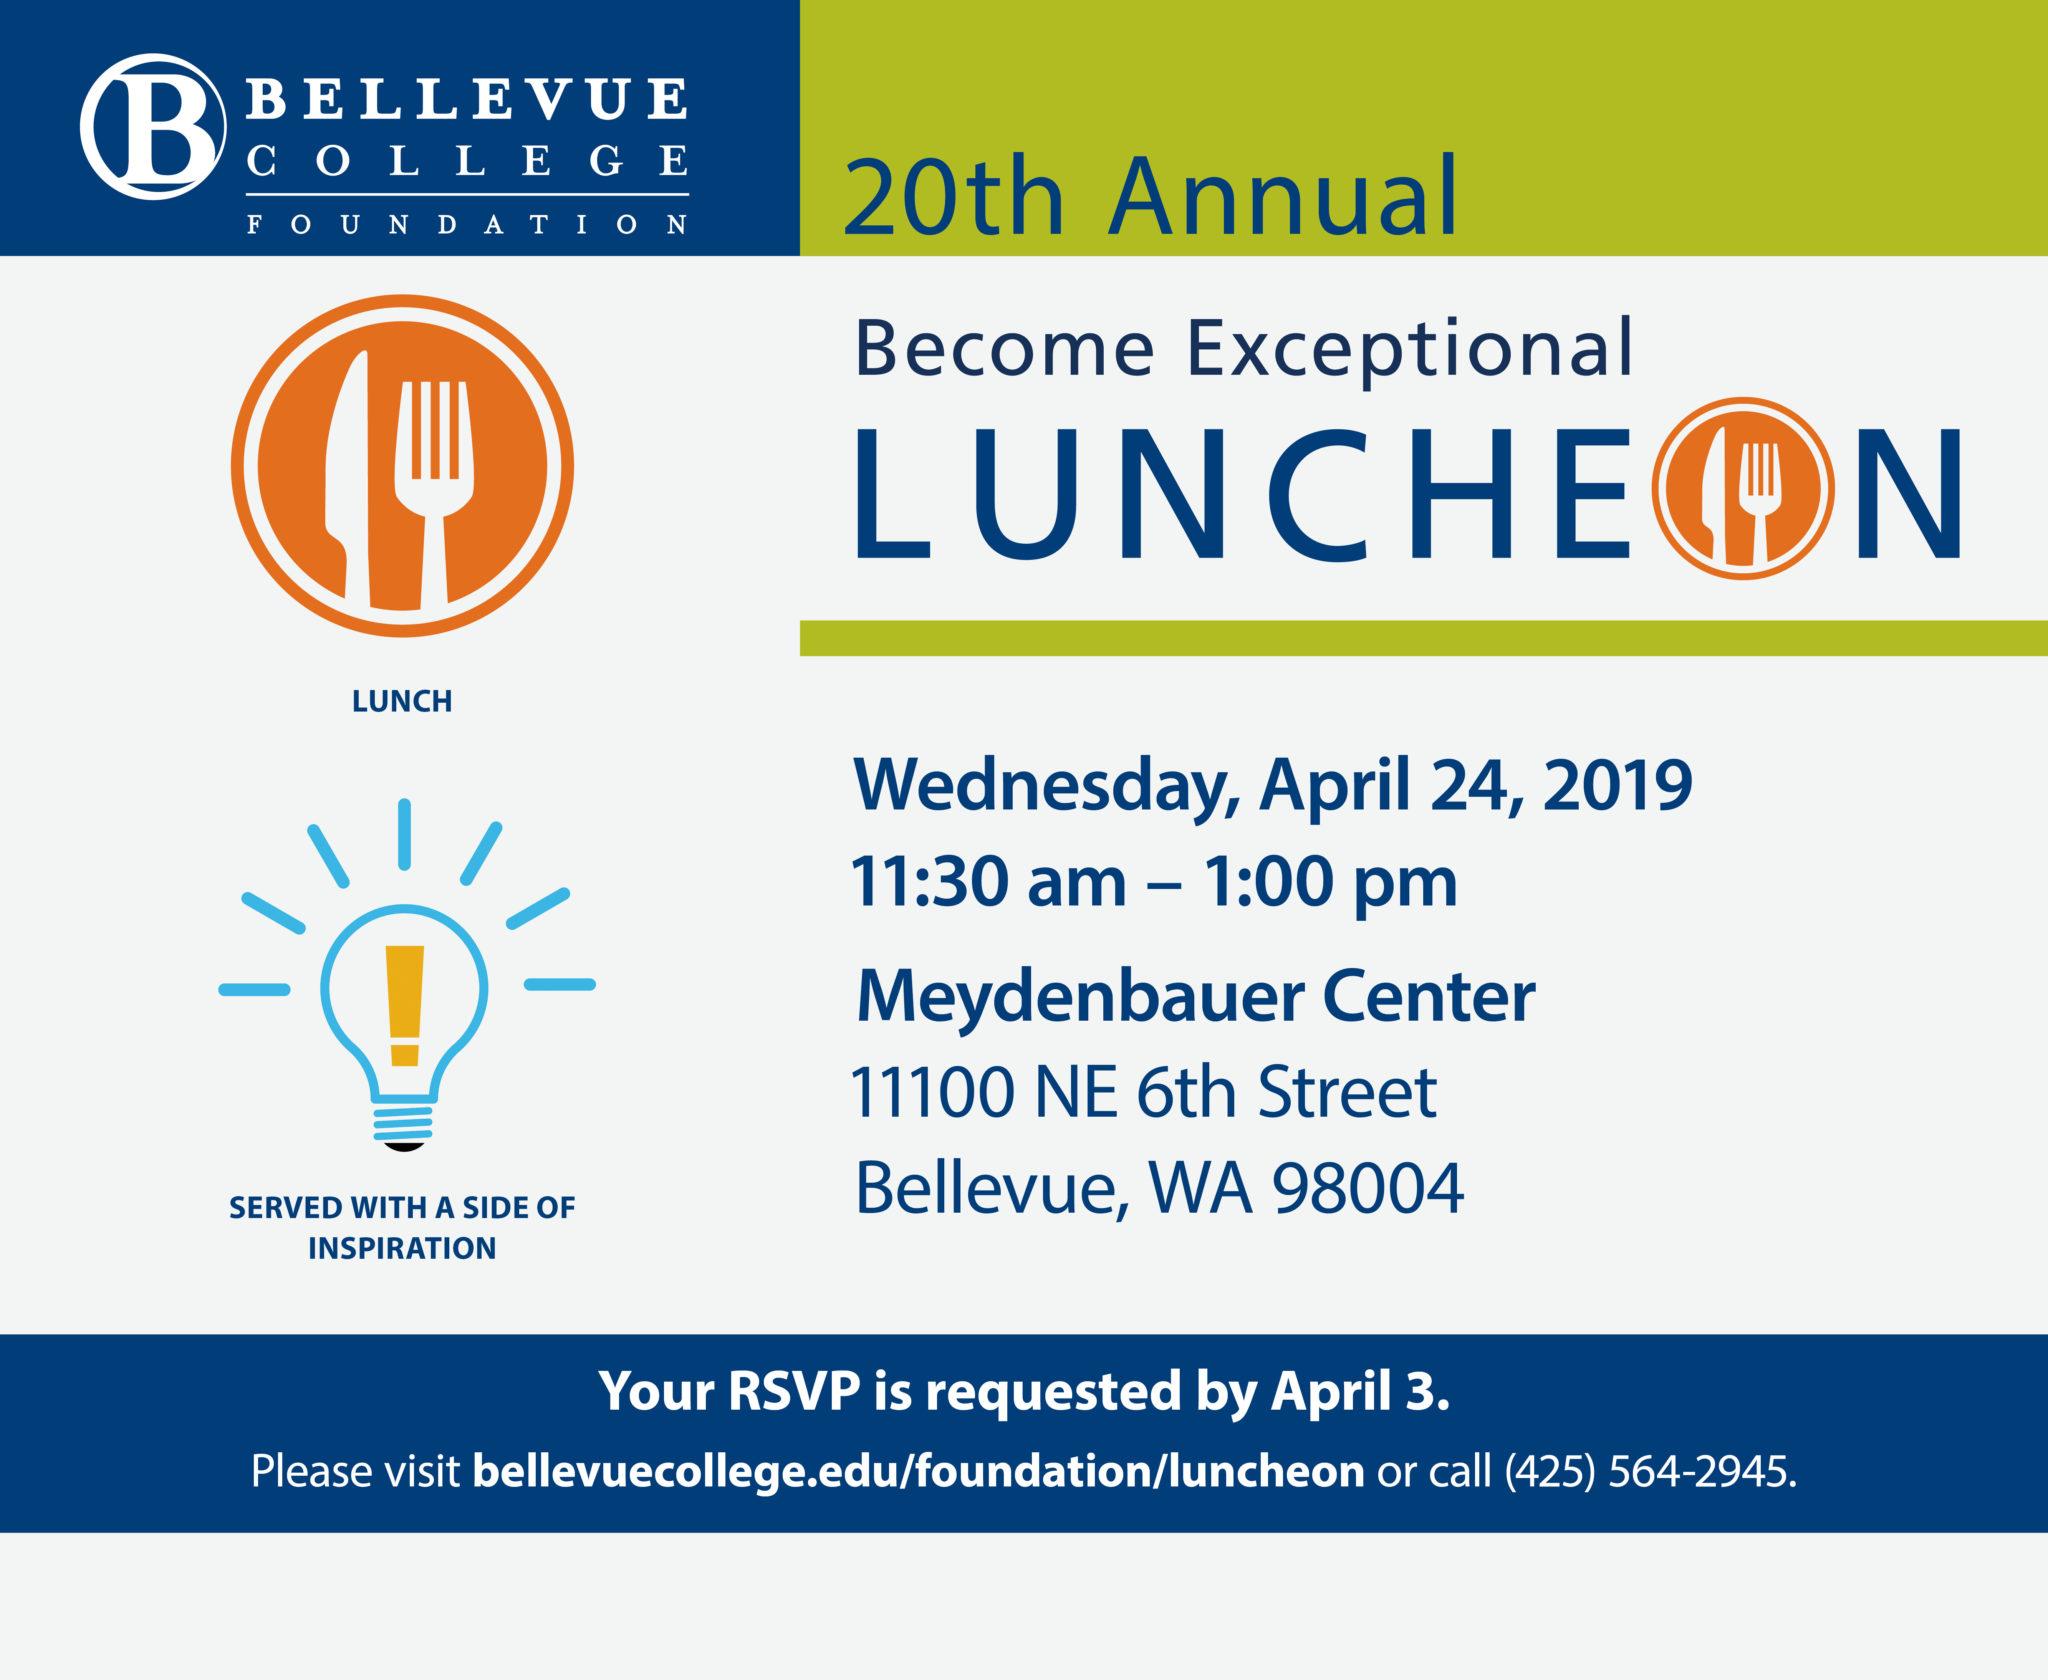 2018-19 BC Foundation Luncheon Invite